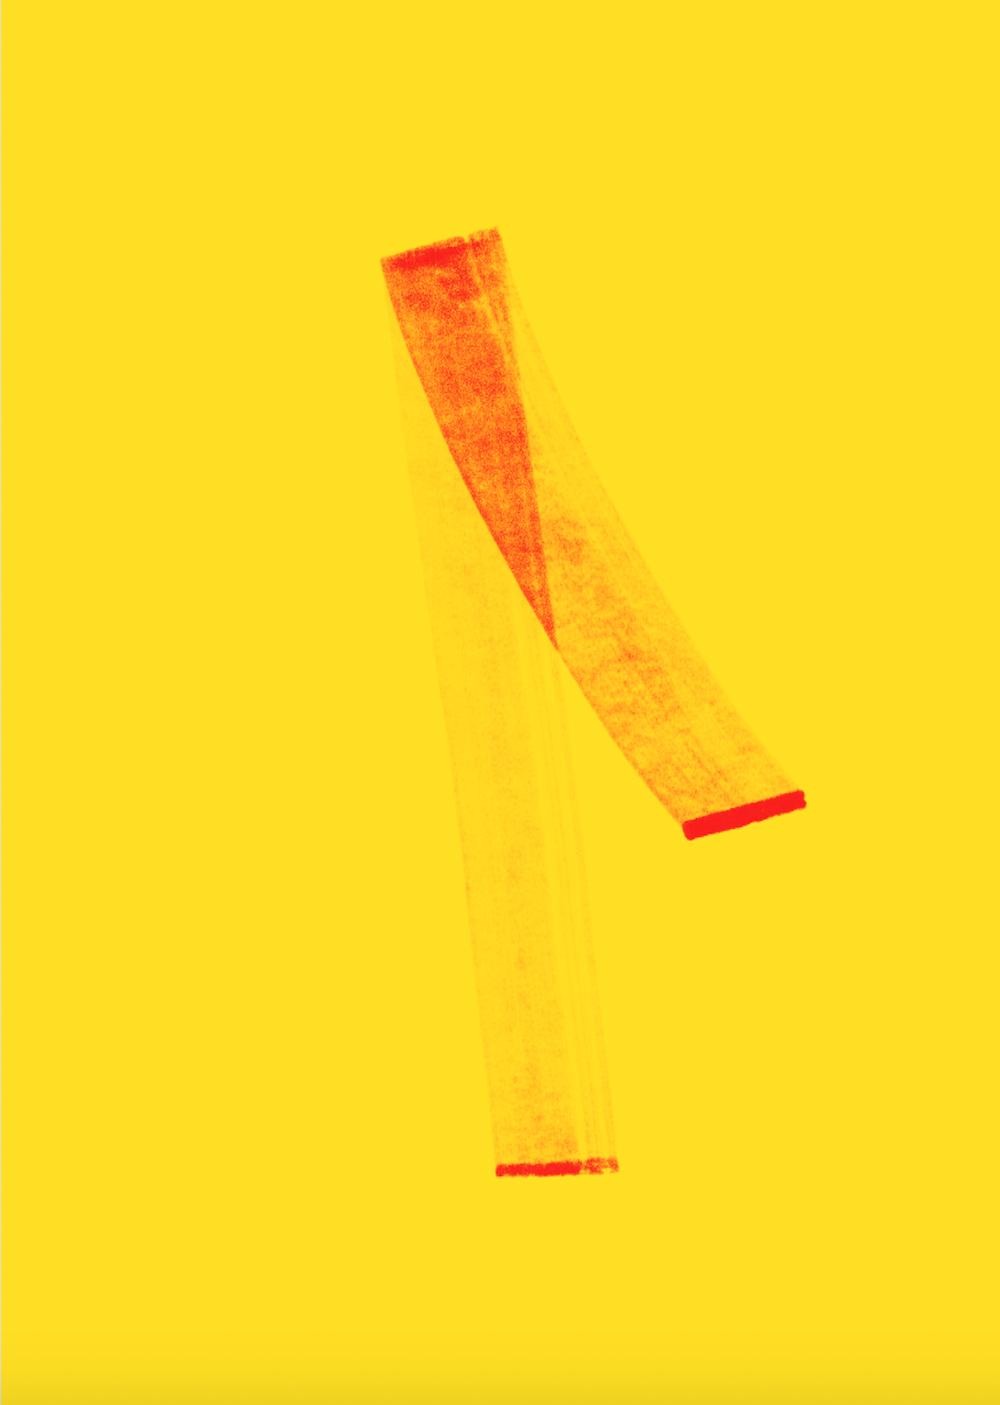 #3 gerlach en koop - 2017 - 50 x 70 cm Geprint met de Epson Surecolor SC-P9000 op Ursus 300 grams gekleurd papier.